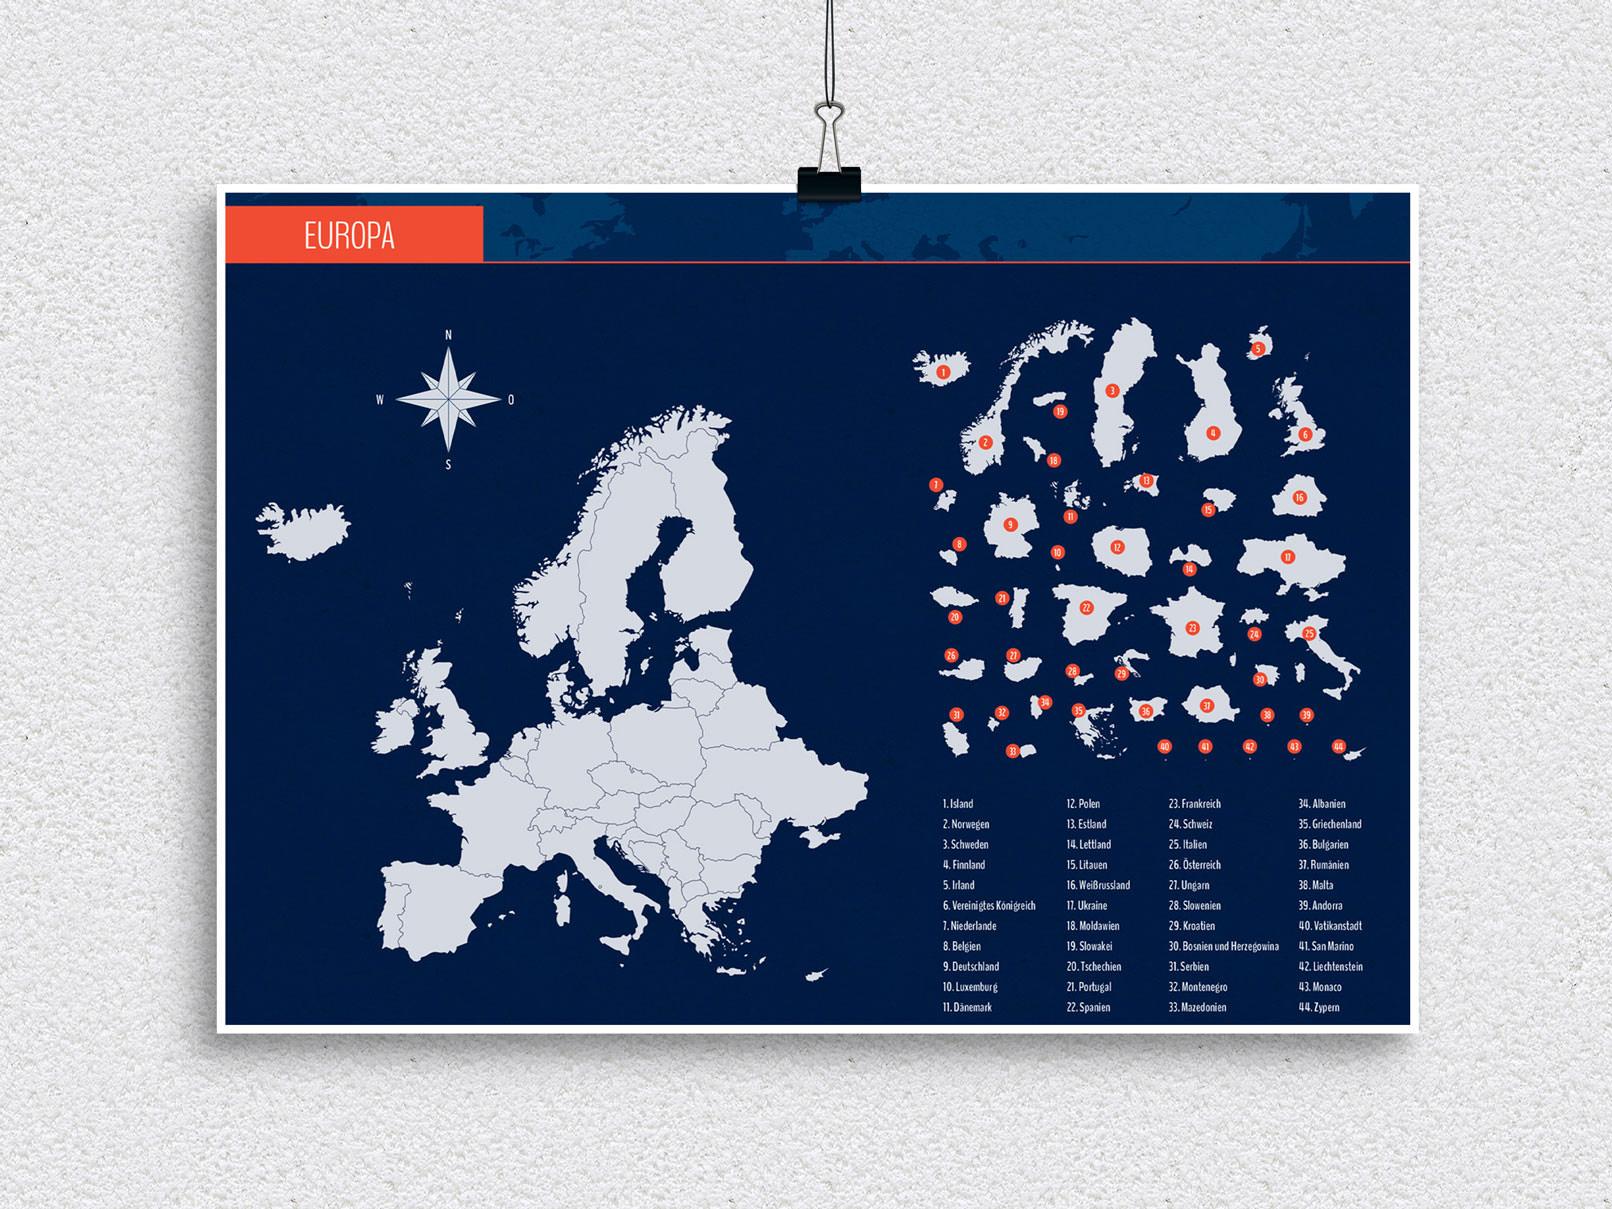 Landkarten Europa als Vektor zum Download